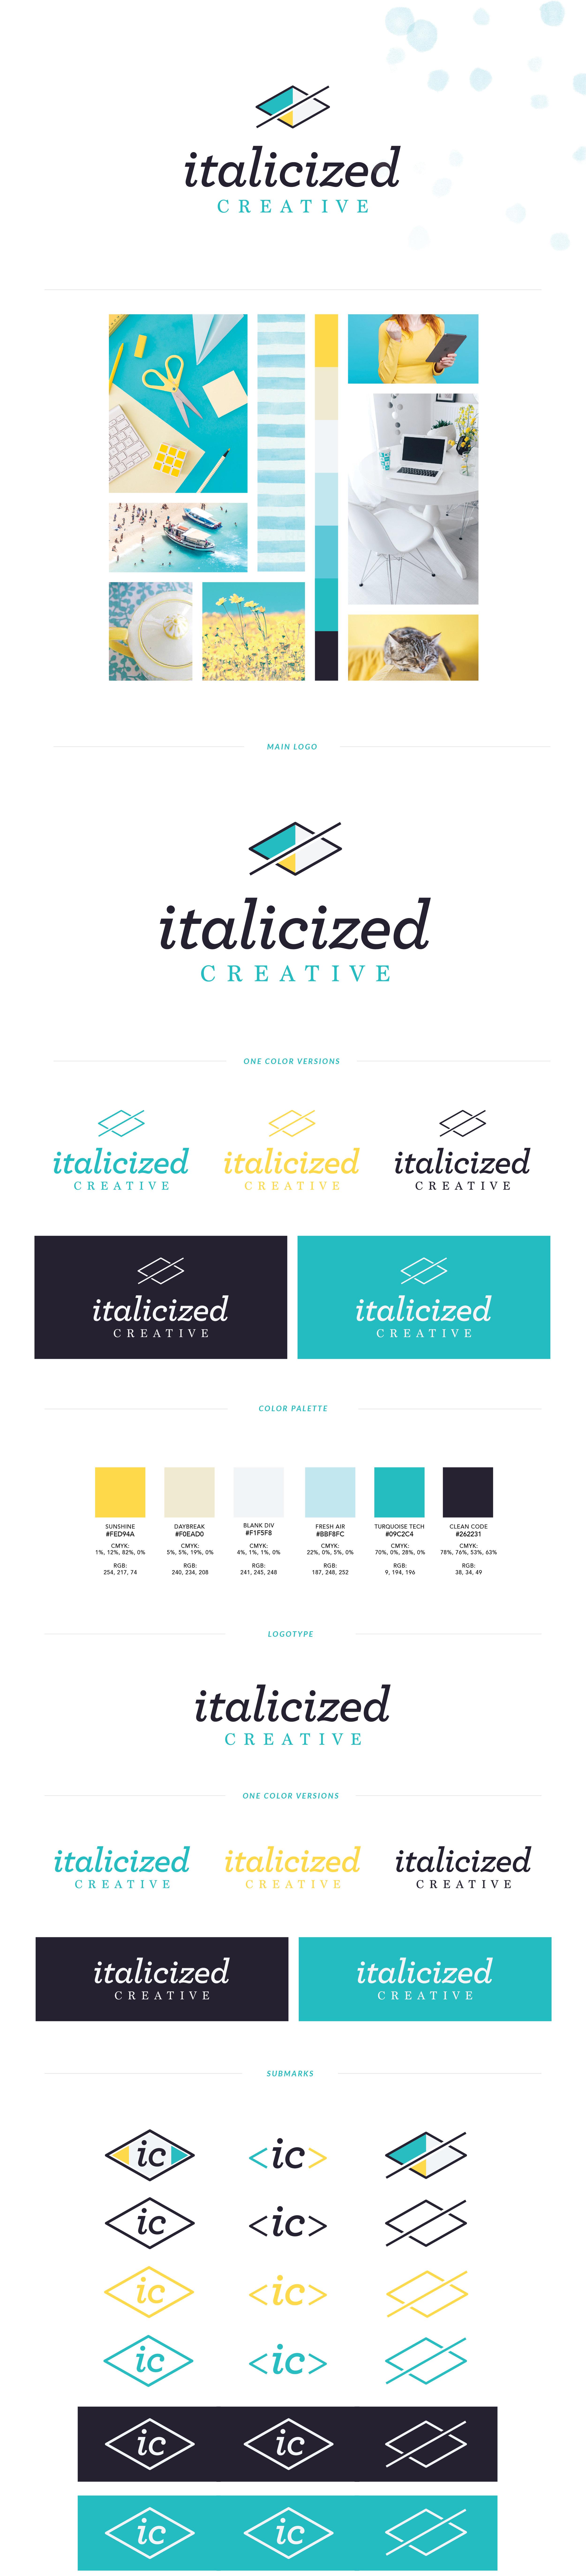 full custom brand design style guide